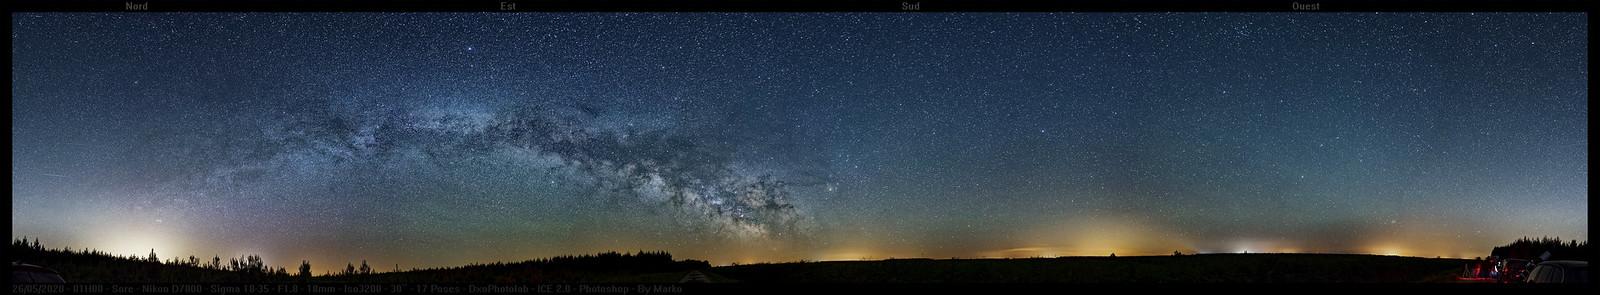 Voie Lactée - Page 9 49943456132_21d3051a99_h